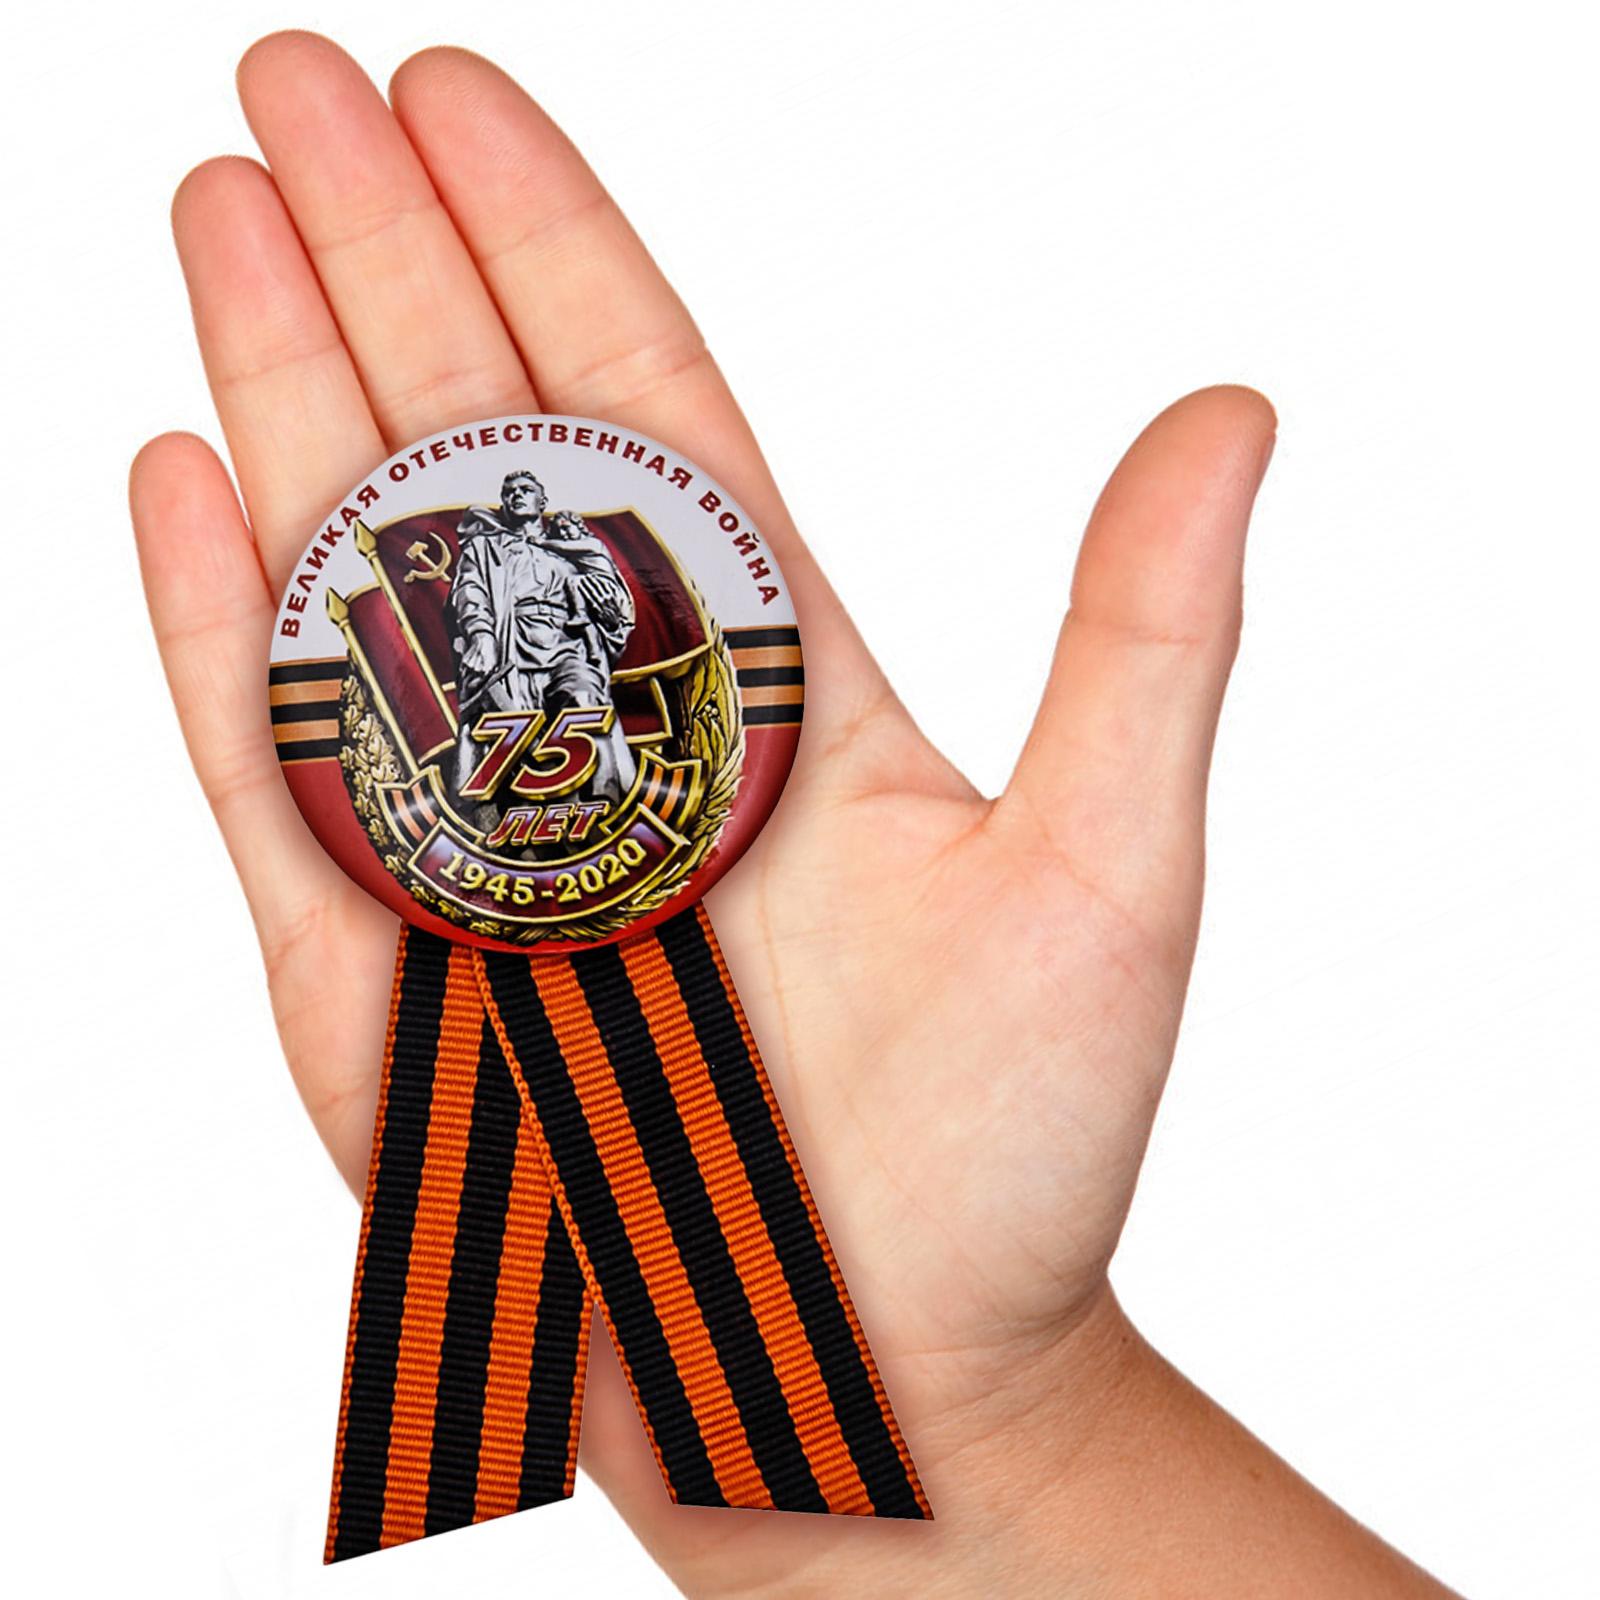 Заказать памятный значок «75 лет Победы в Великой Отечественной войне. 1945-2020»